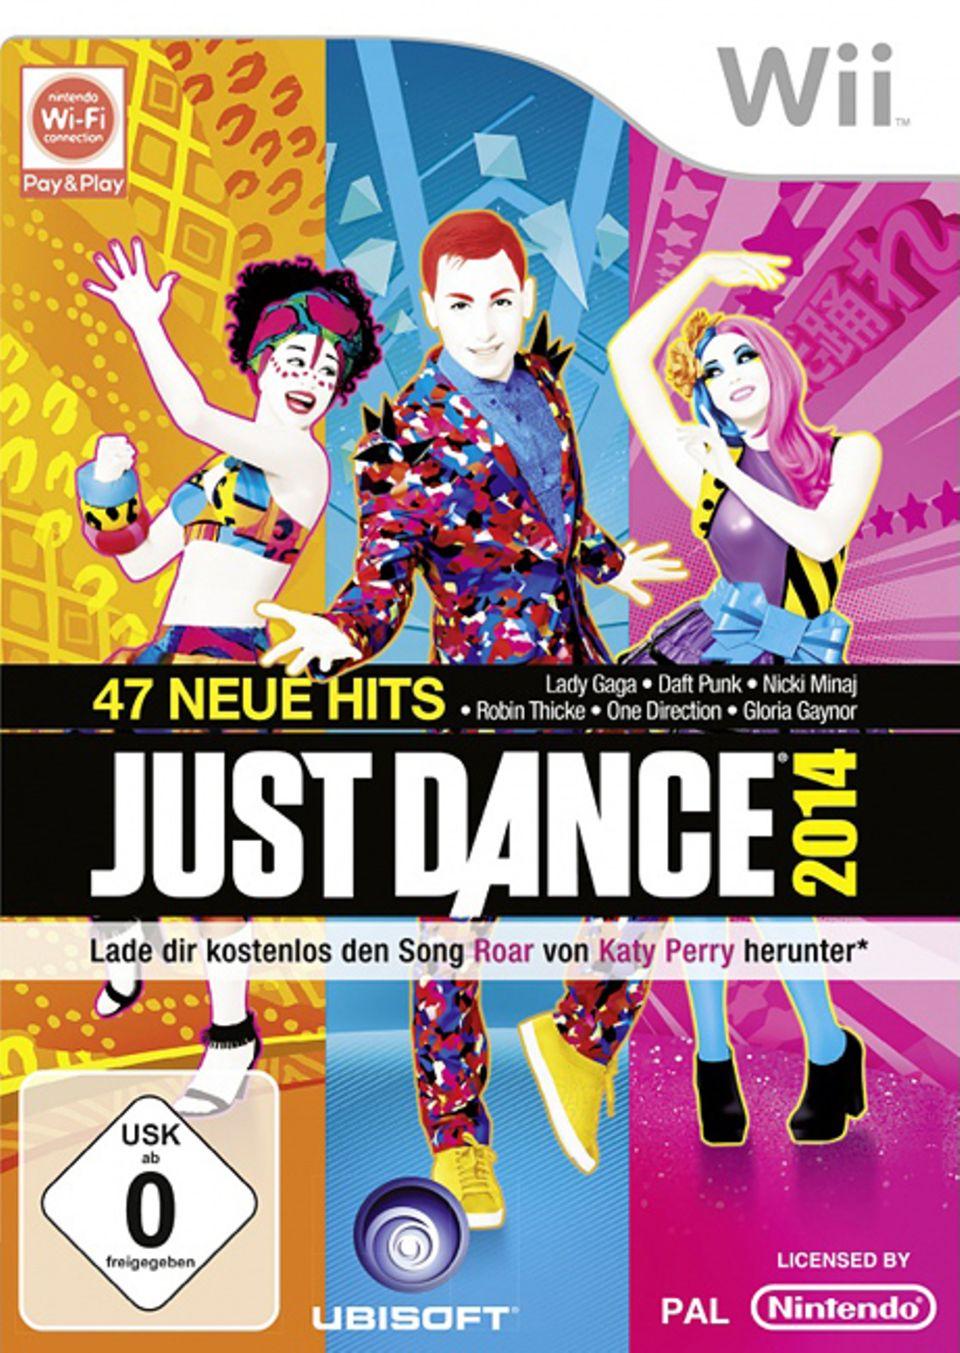 """Spieletest: Bei """"Just Dance 2014"""" bleibt keiner ruhig sitzen. Ab auf die Tanzfläche mit euch!"""